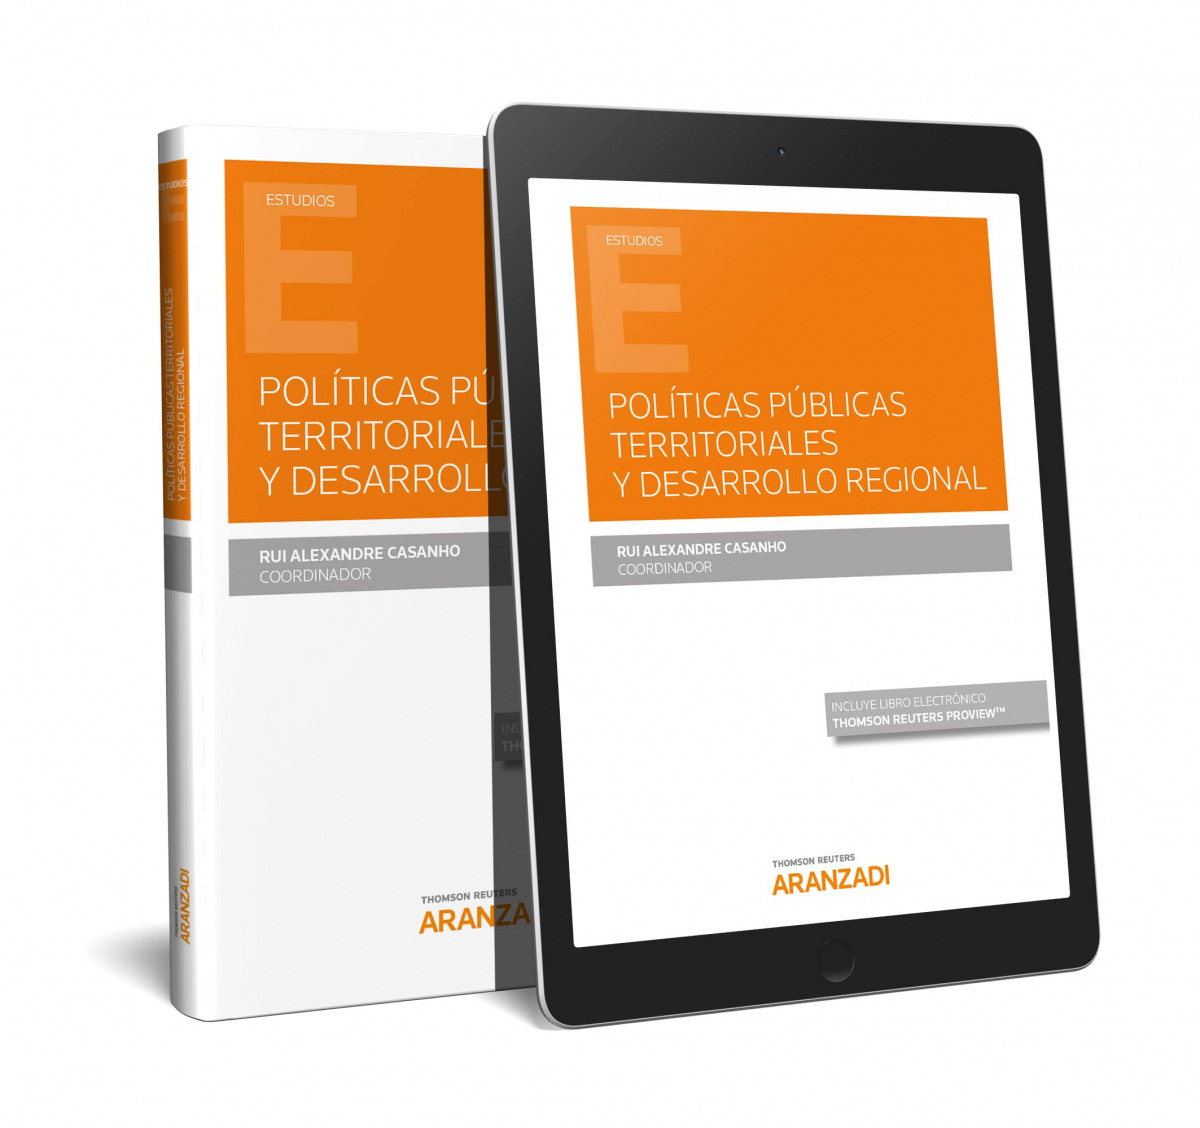 Políticas públicas territoriales y desarrollo regional (Papel + e-book)